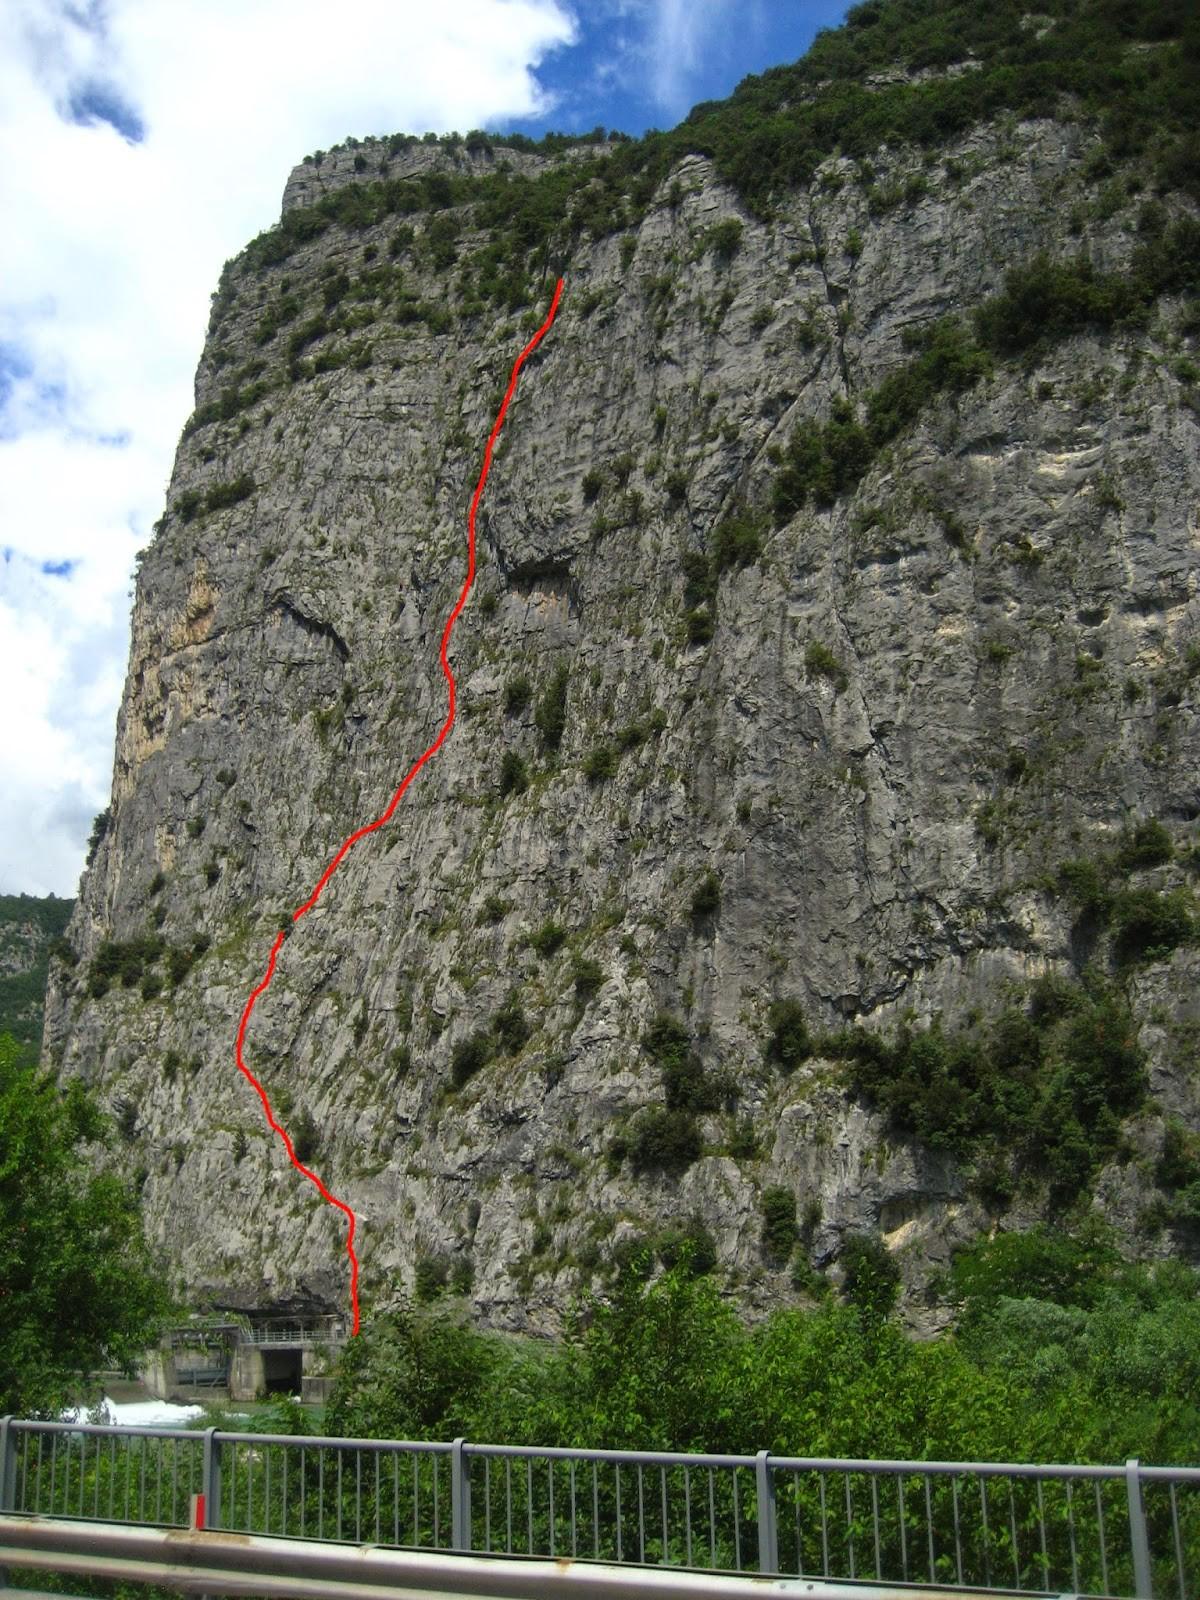 Via Orizzonti Dolomitici (IV+, V) – Piccolo Dain, Parete del Limarò